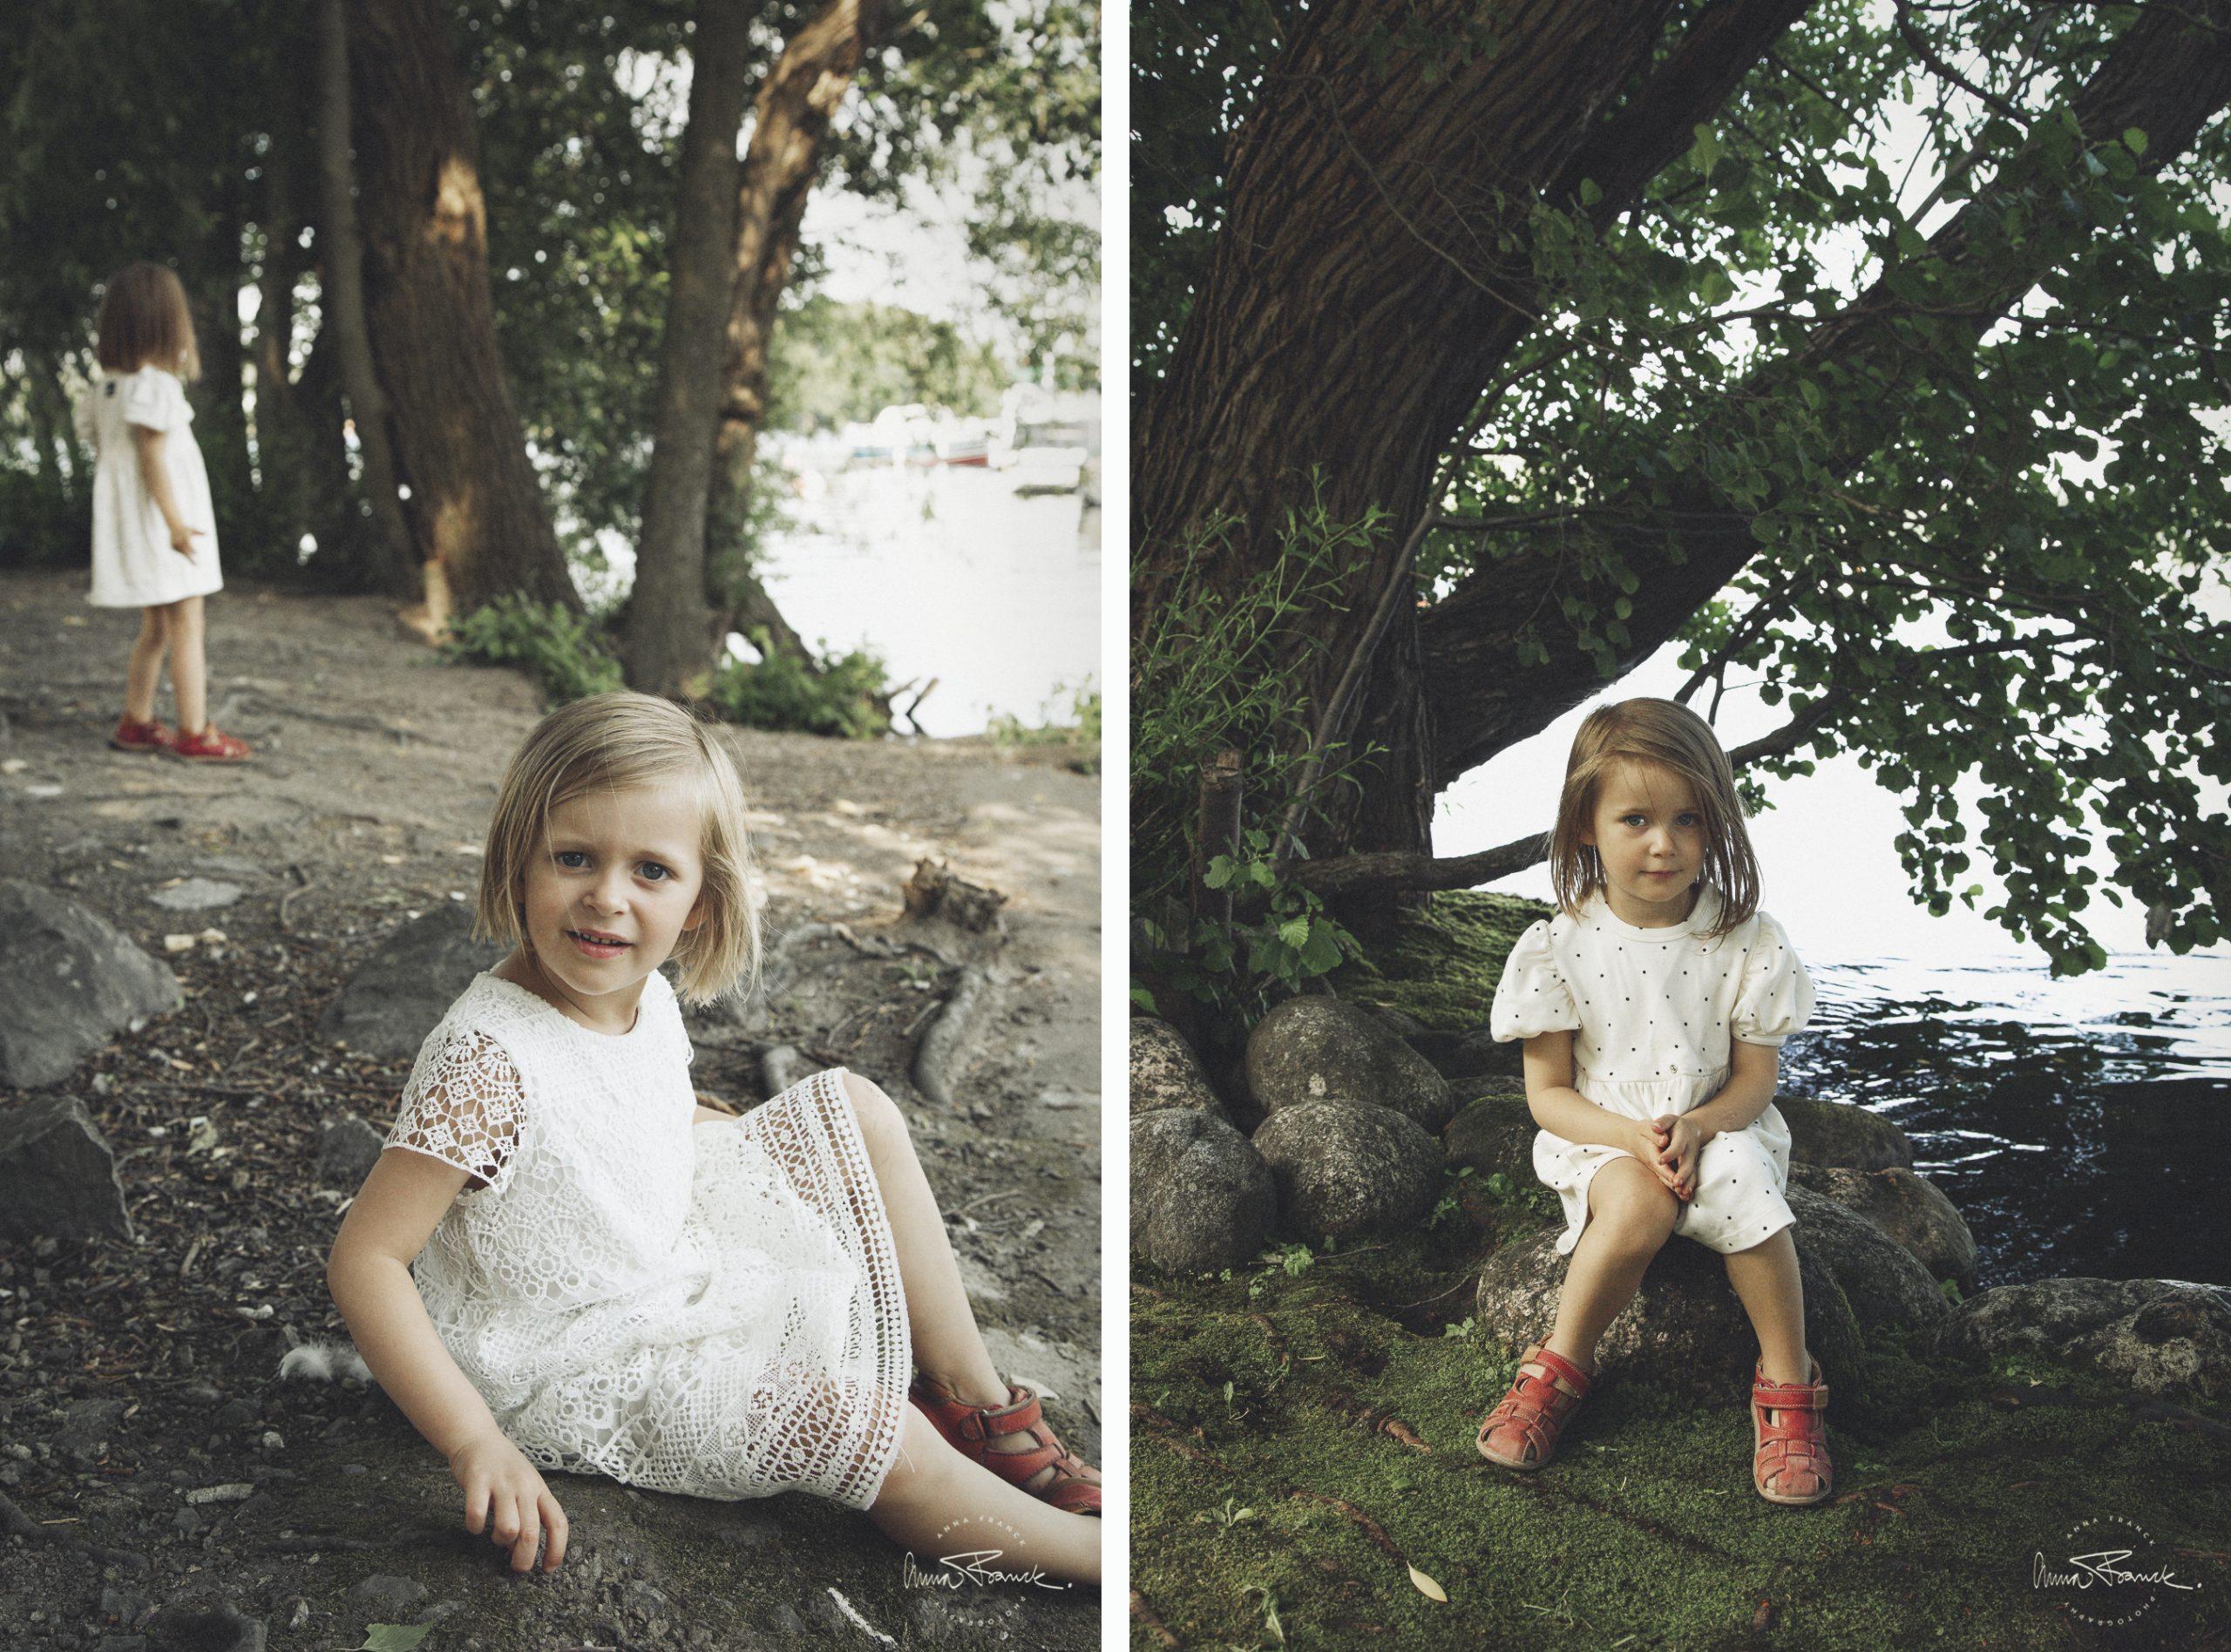 busig familjefotografering i Vinterviken, Stockholm